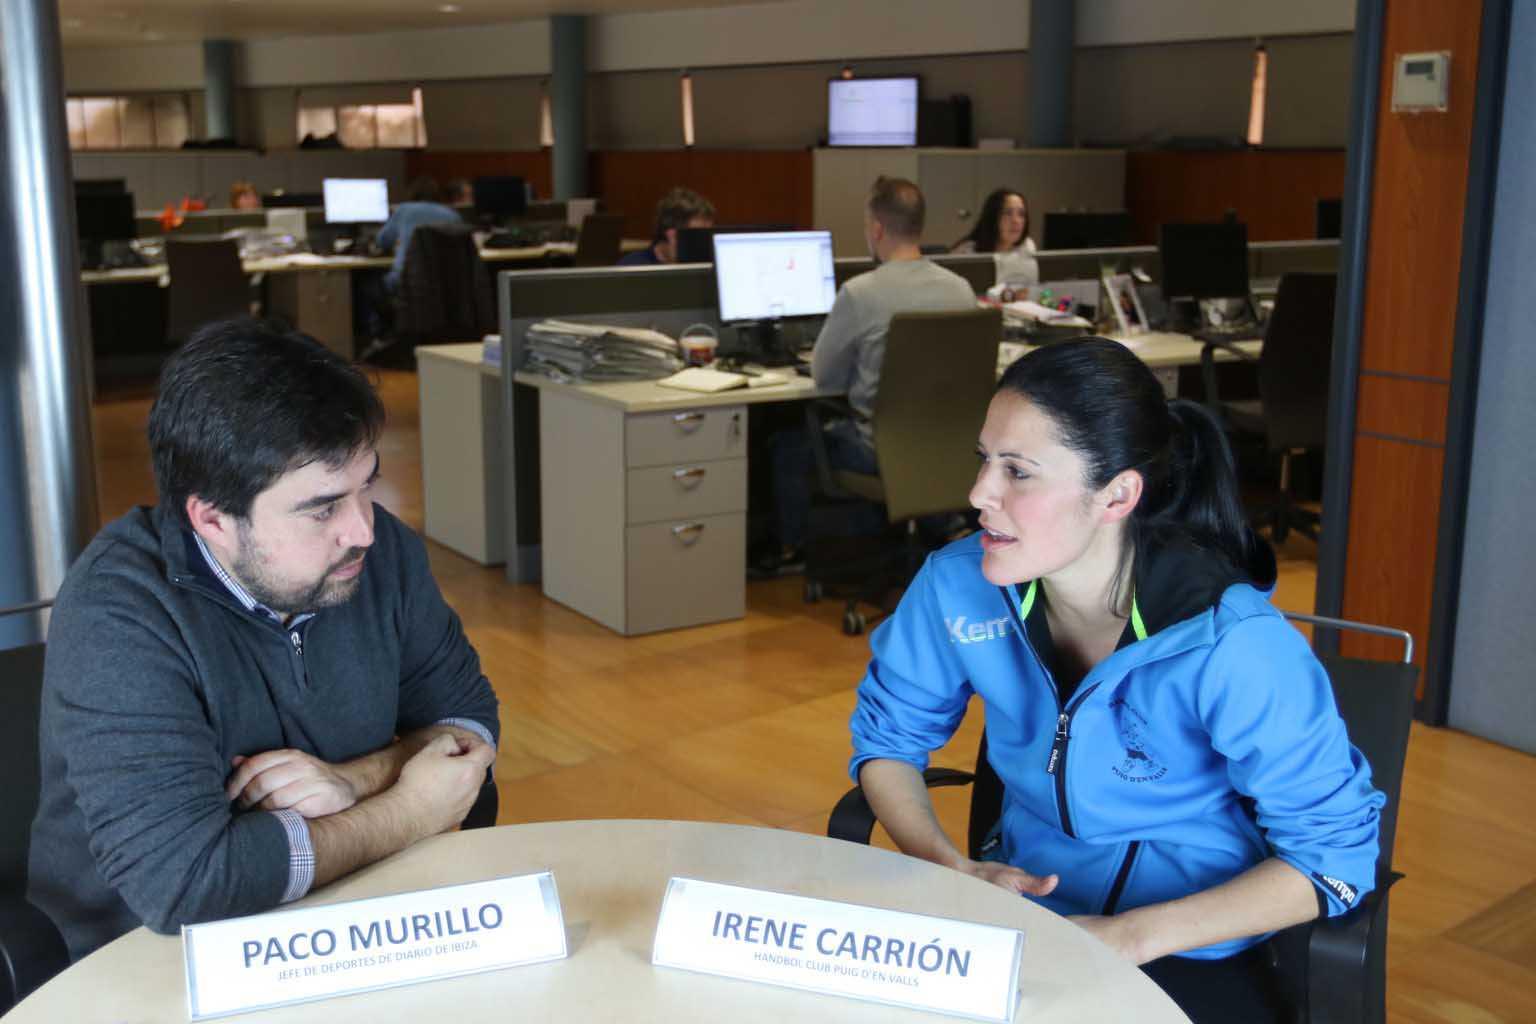 Entrevista digital a Irene Carrión. Juan A. Riera